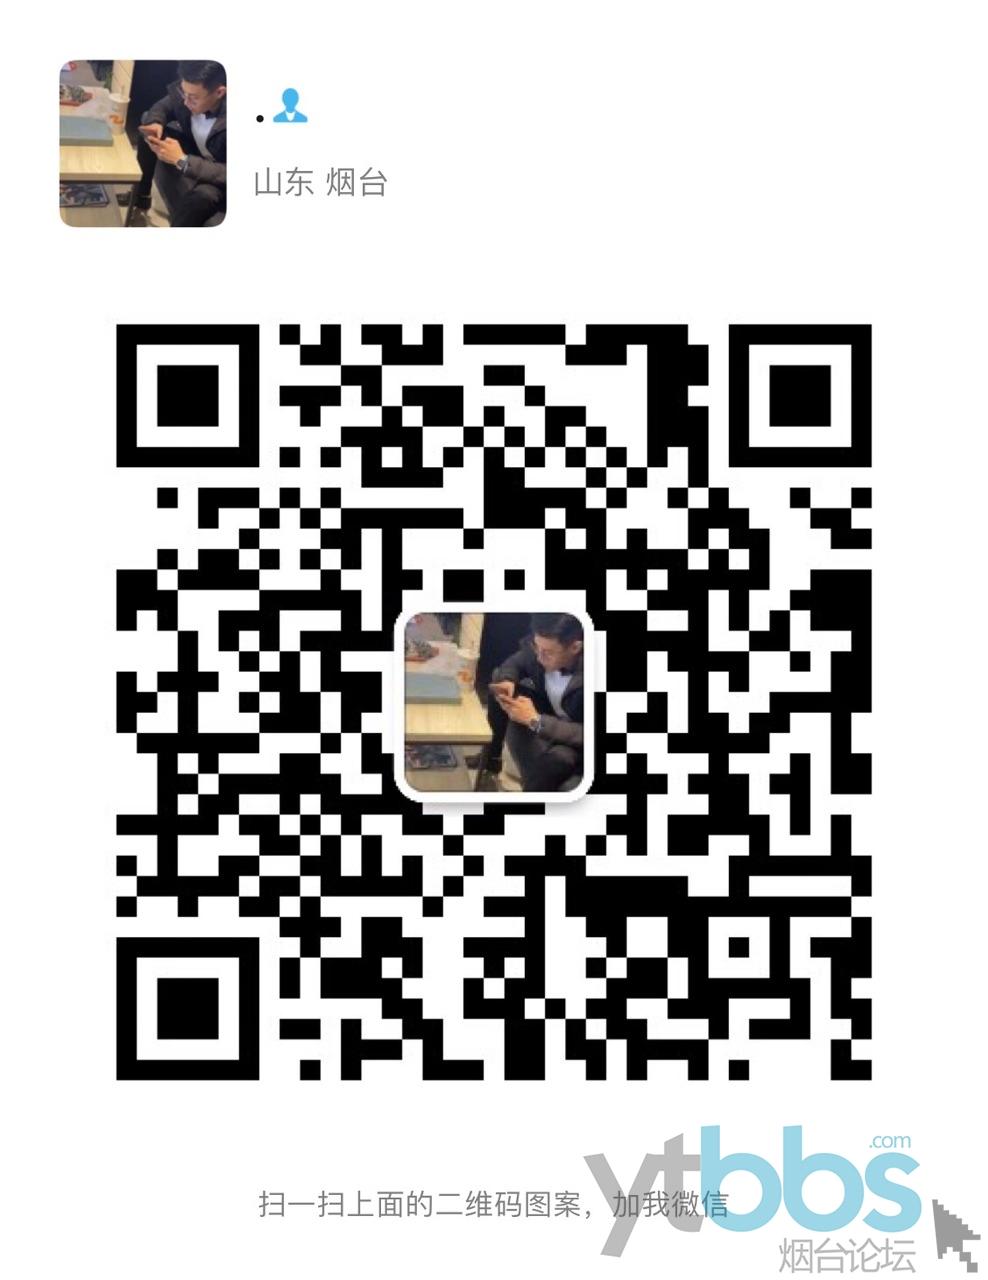 front1_0_Fi1M7tSVkwOPg4h5hcywuy7_9x2A.1605488823.jpg